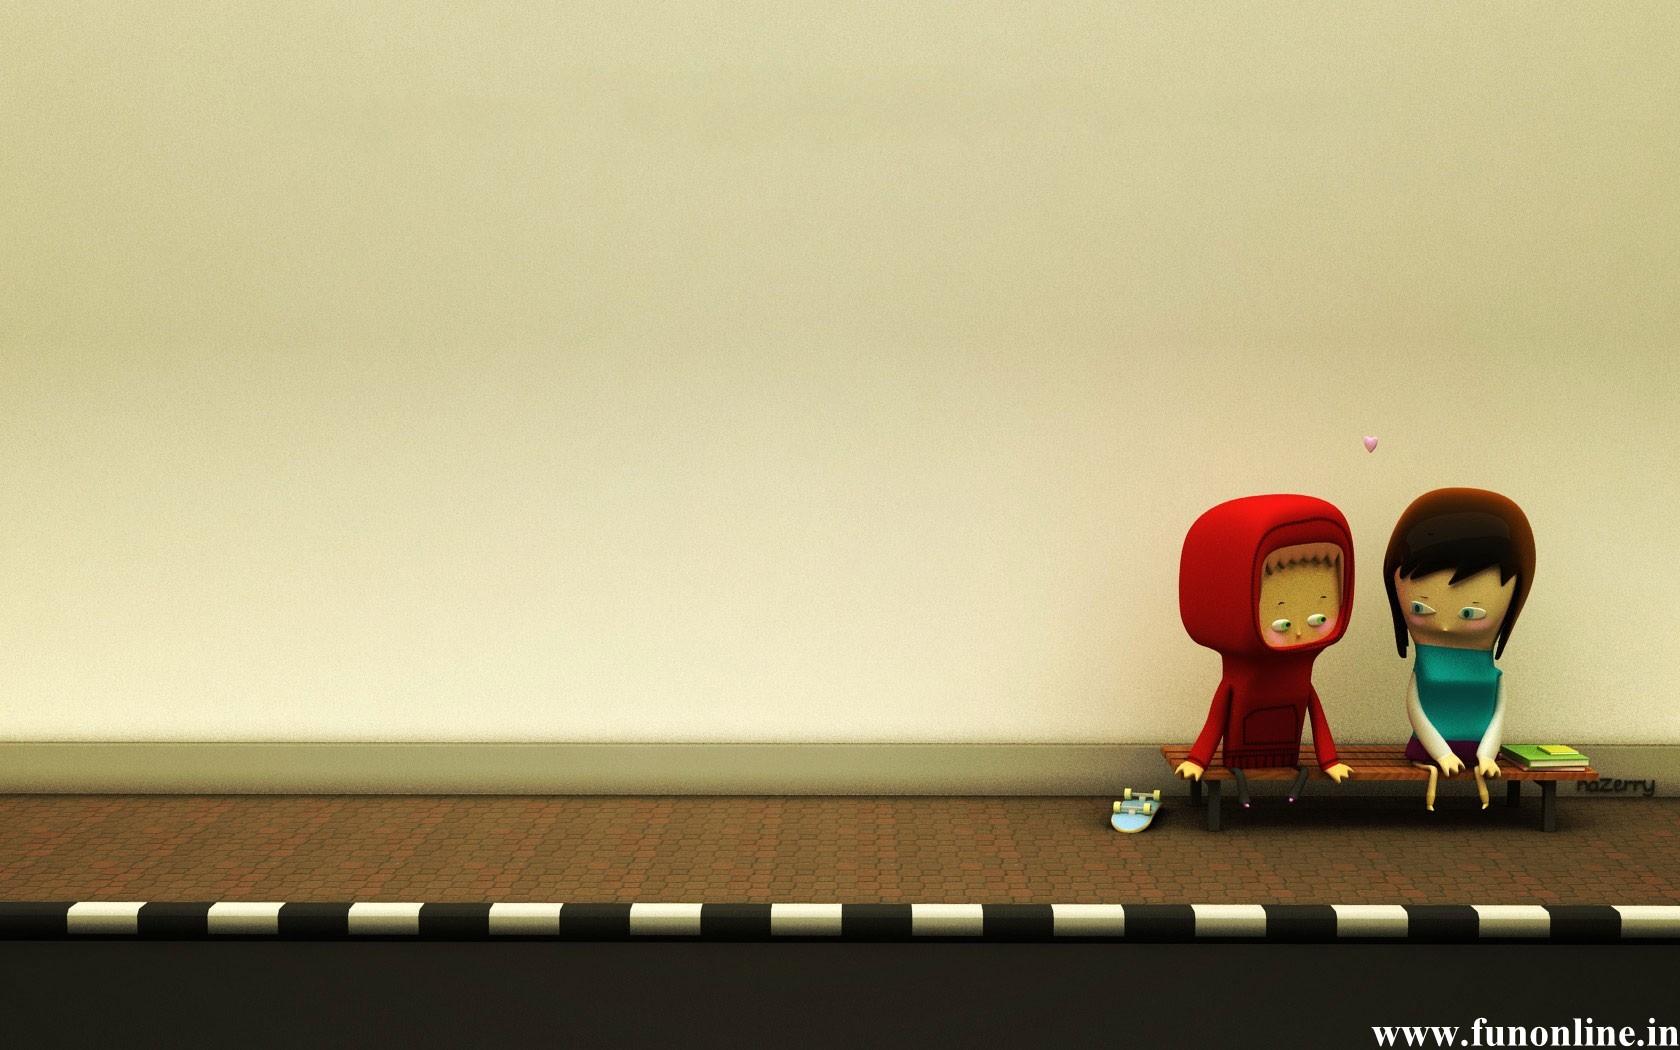 Cute moving wallpapers wallpapersafari - Love f wallpaper hd download ...